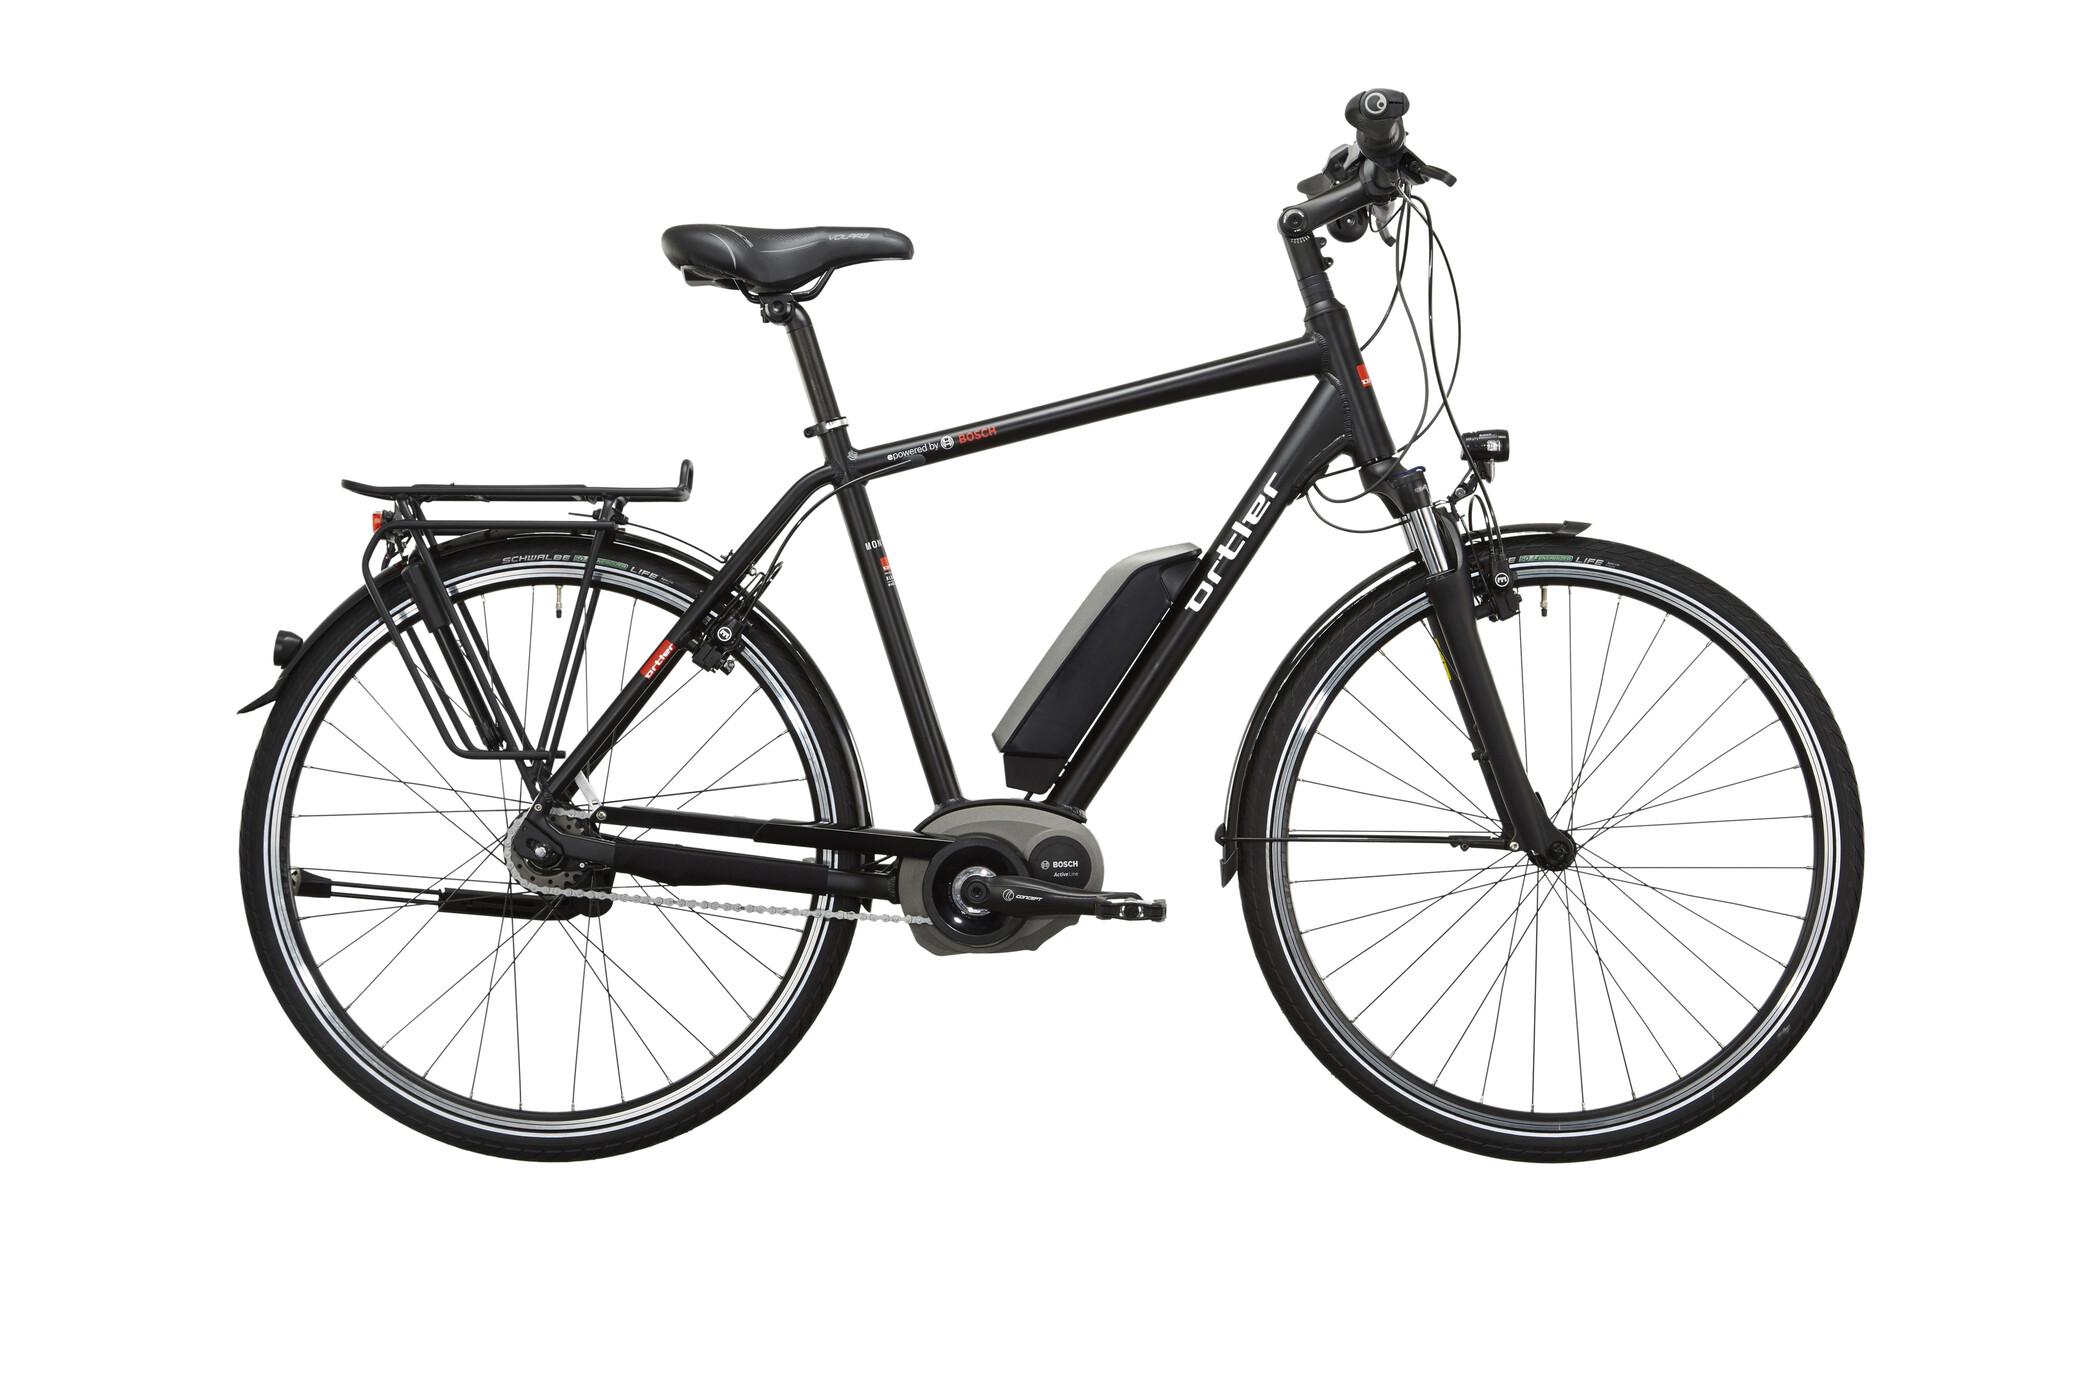 RFR PRO Fahrrad Faltschloss 7 x 700mm schwarz Schlösser & Sicherheit Fahrradzubehör